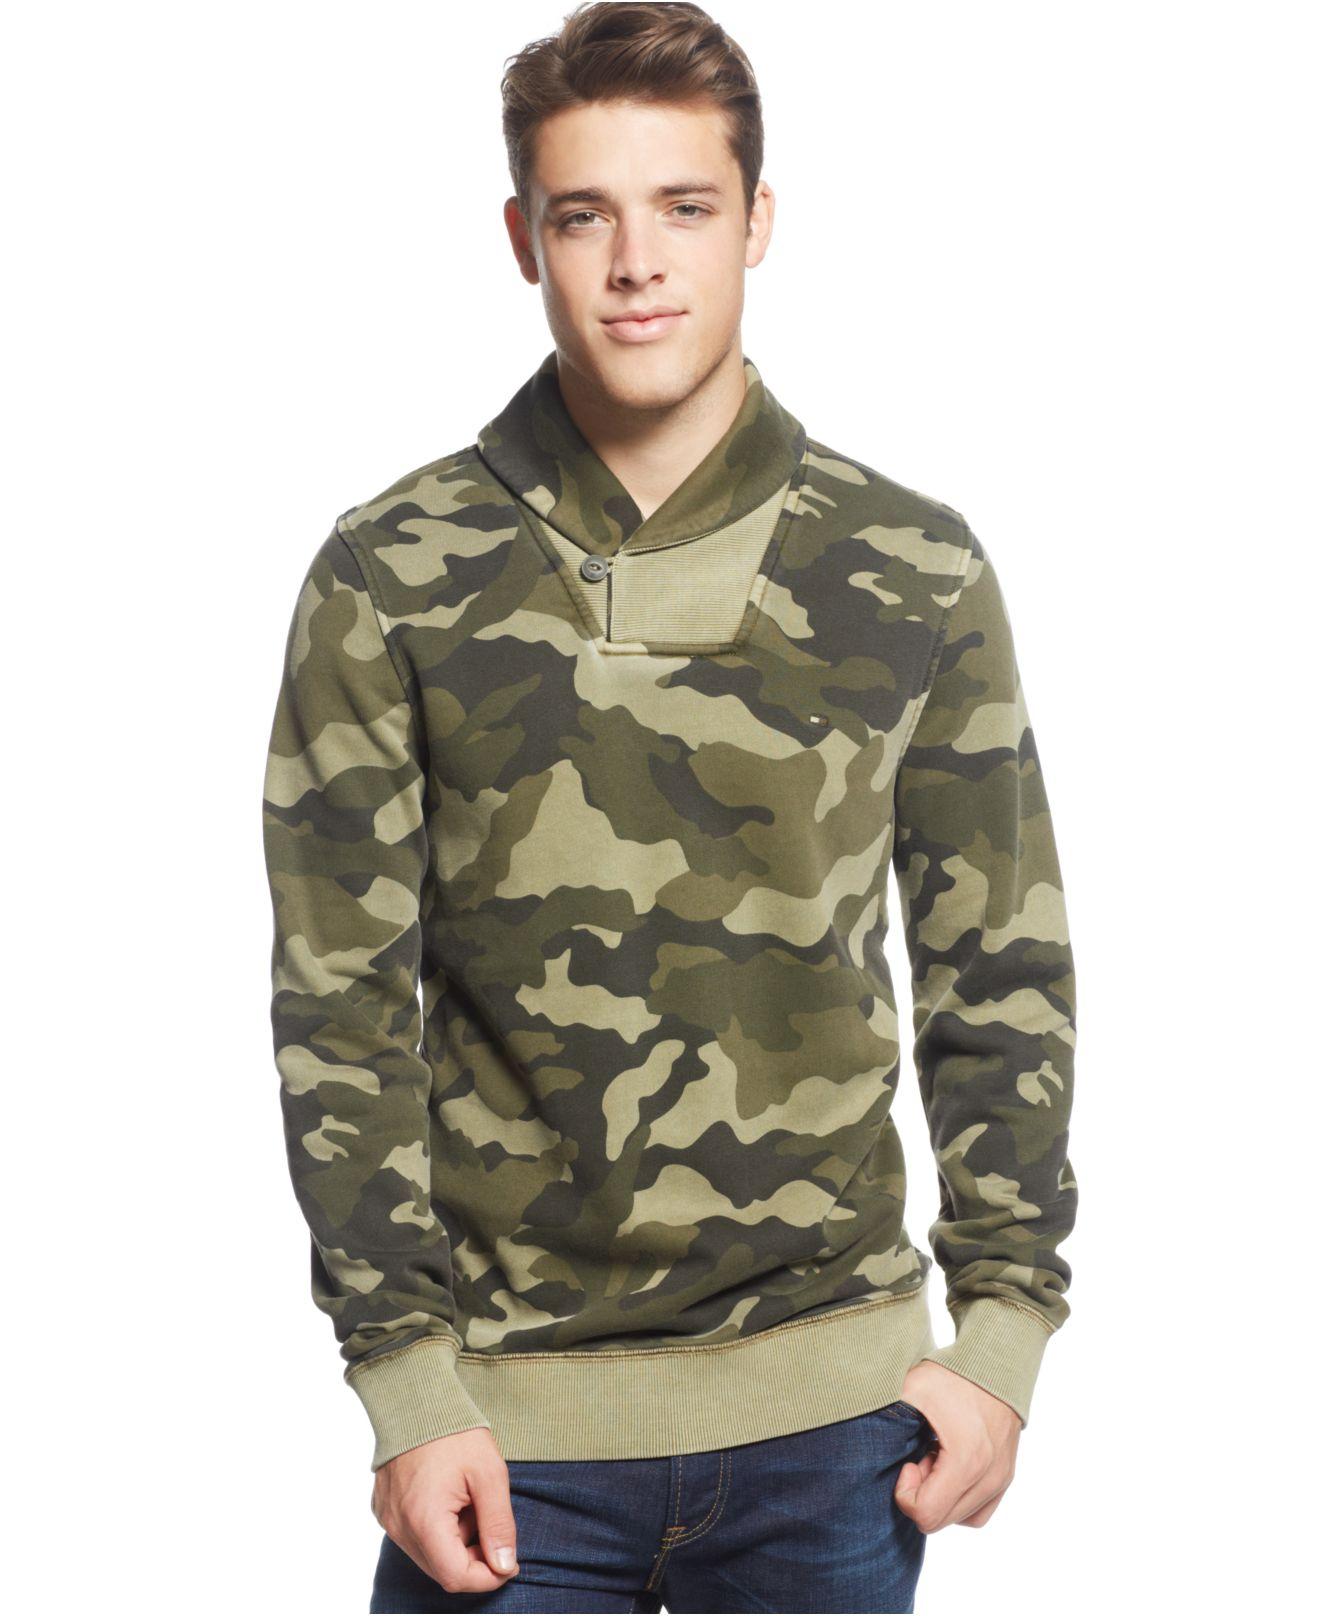 dd317c473b4 Tommy Hilfiger M-Camo Shawl Sweater in Green for Men - Lyst